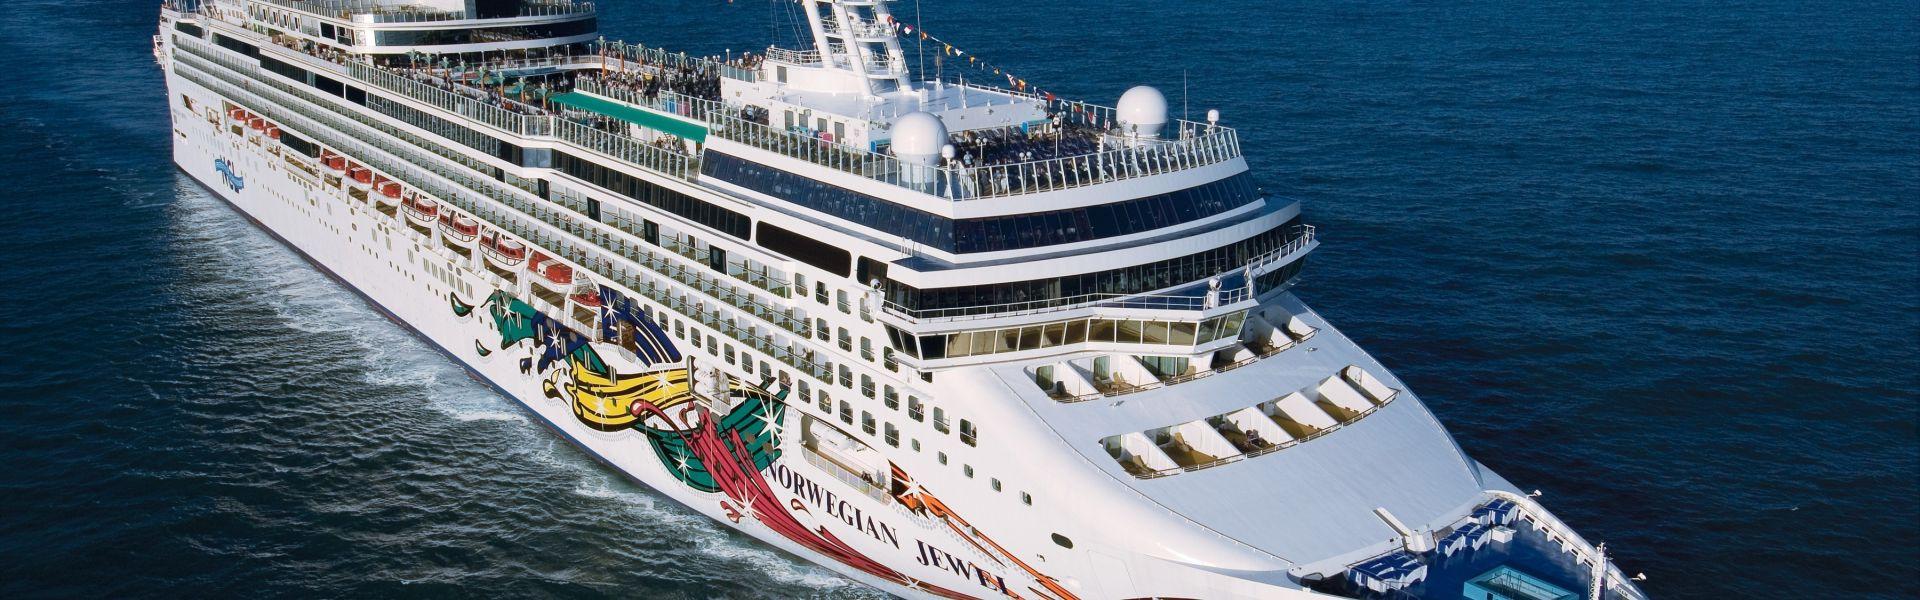 Croaziera 2018 - Australia si Noua Zeelanda (Sydney) - Norwegian Cruise Line - Norwegian Jewel - 10 nopti